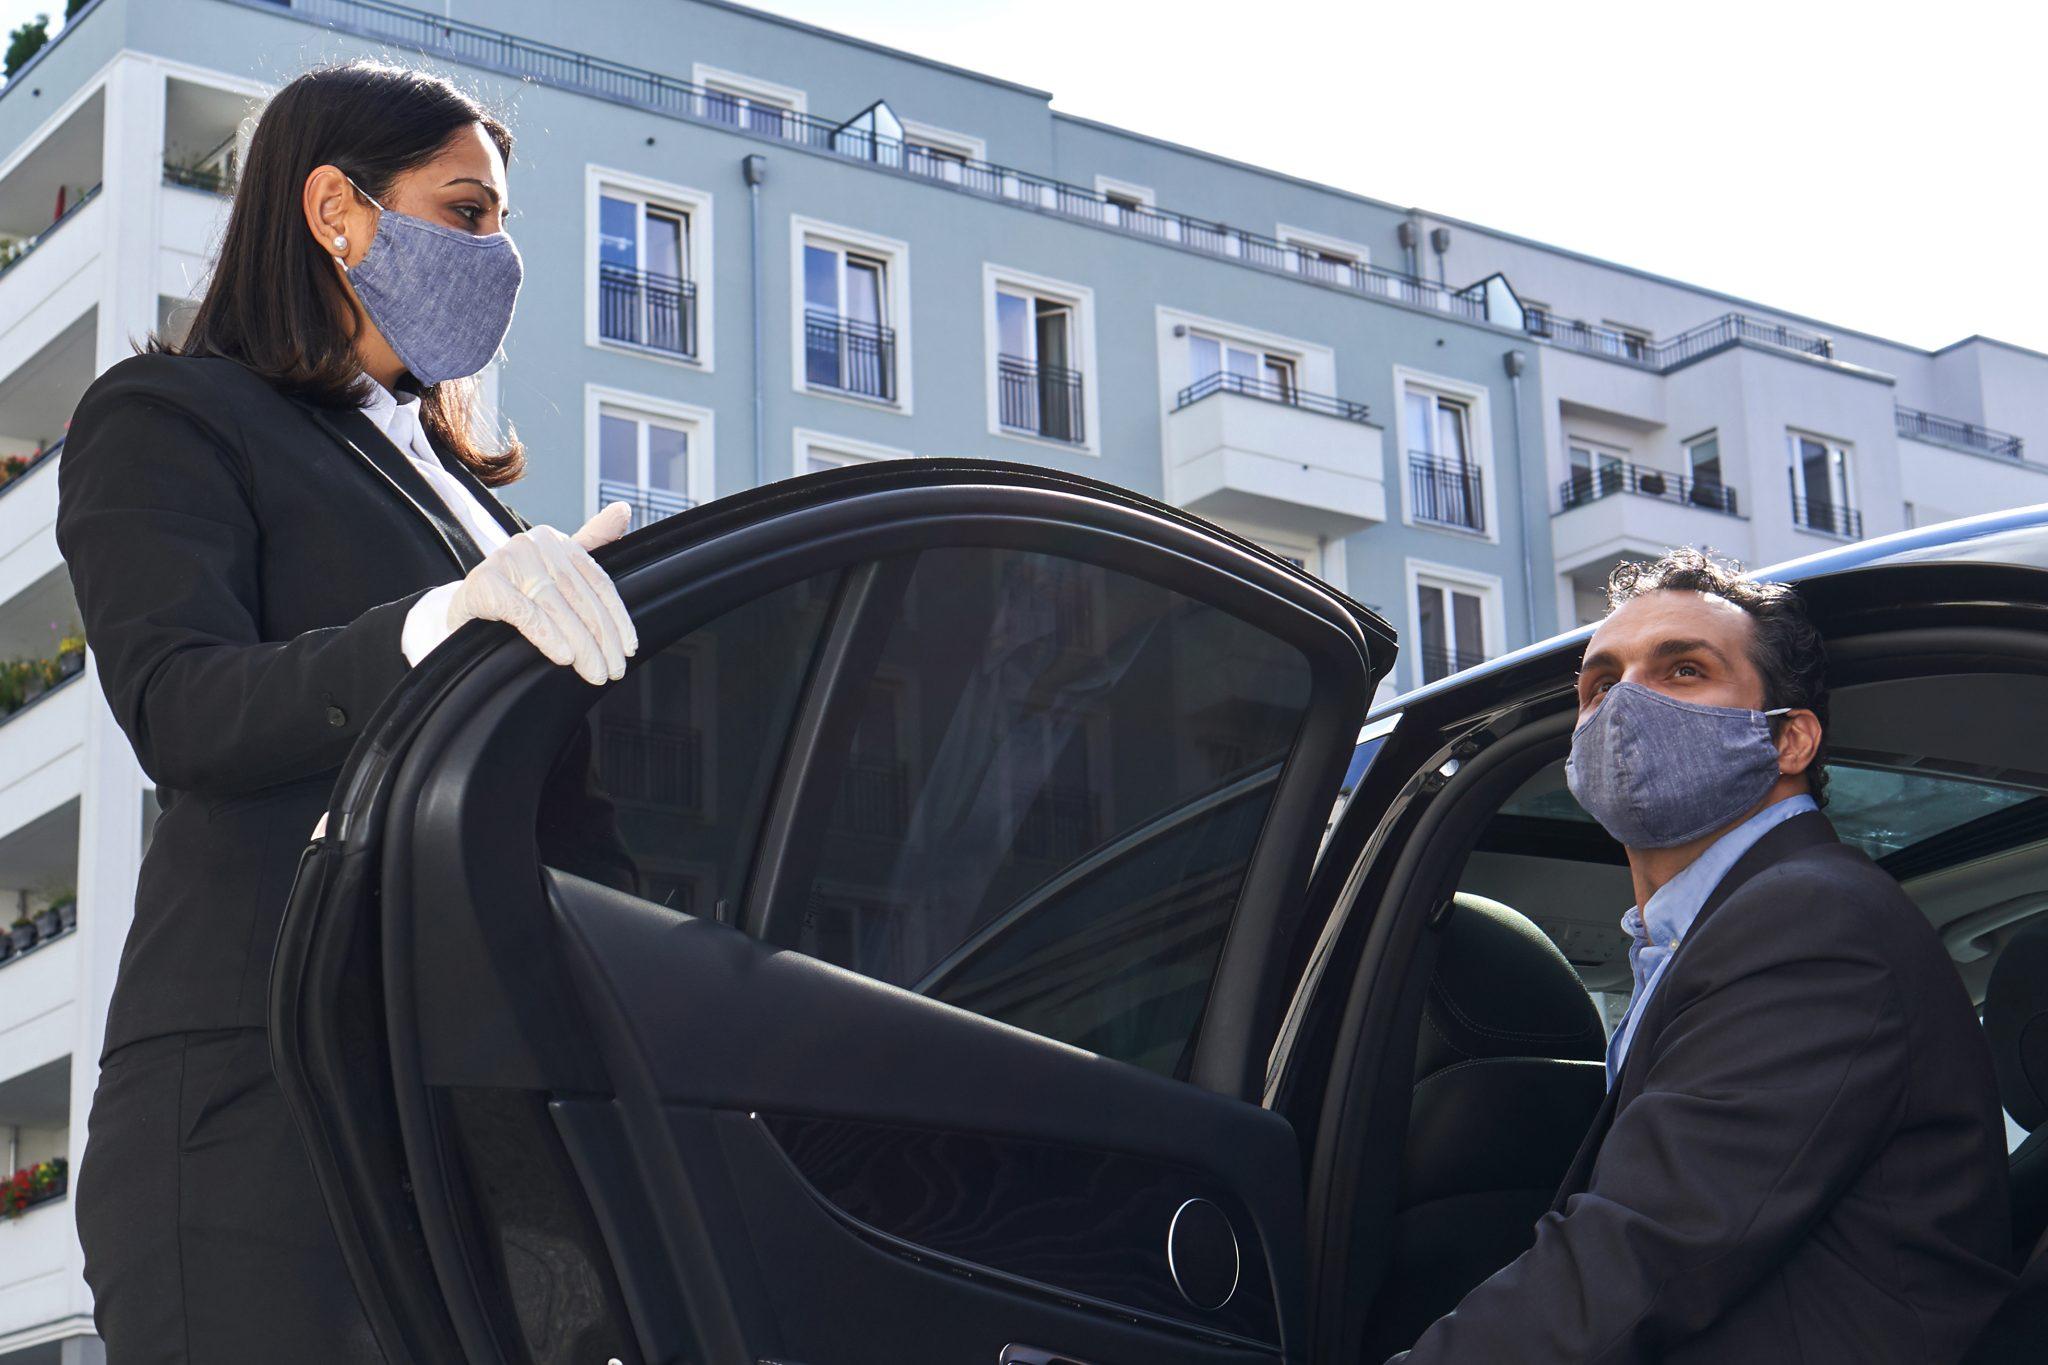 limousine service in Boston